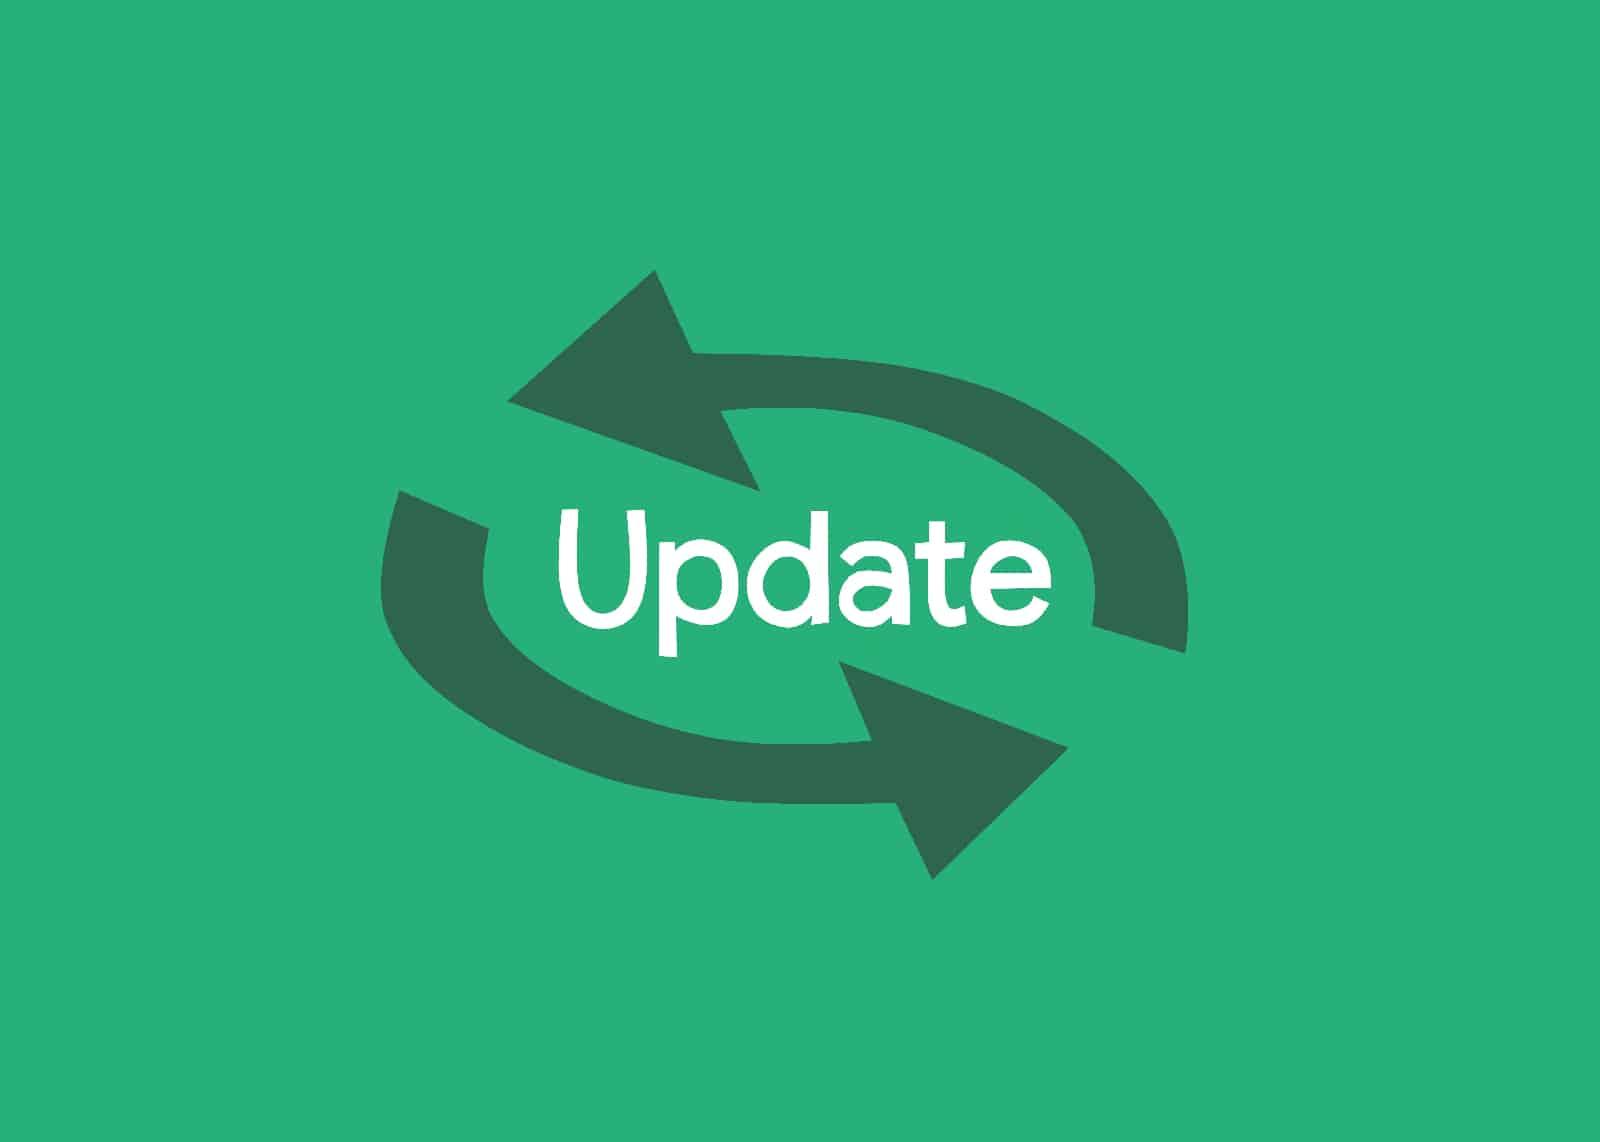 Melakukan-update-pada-sistem-dan-aplikasi